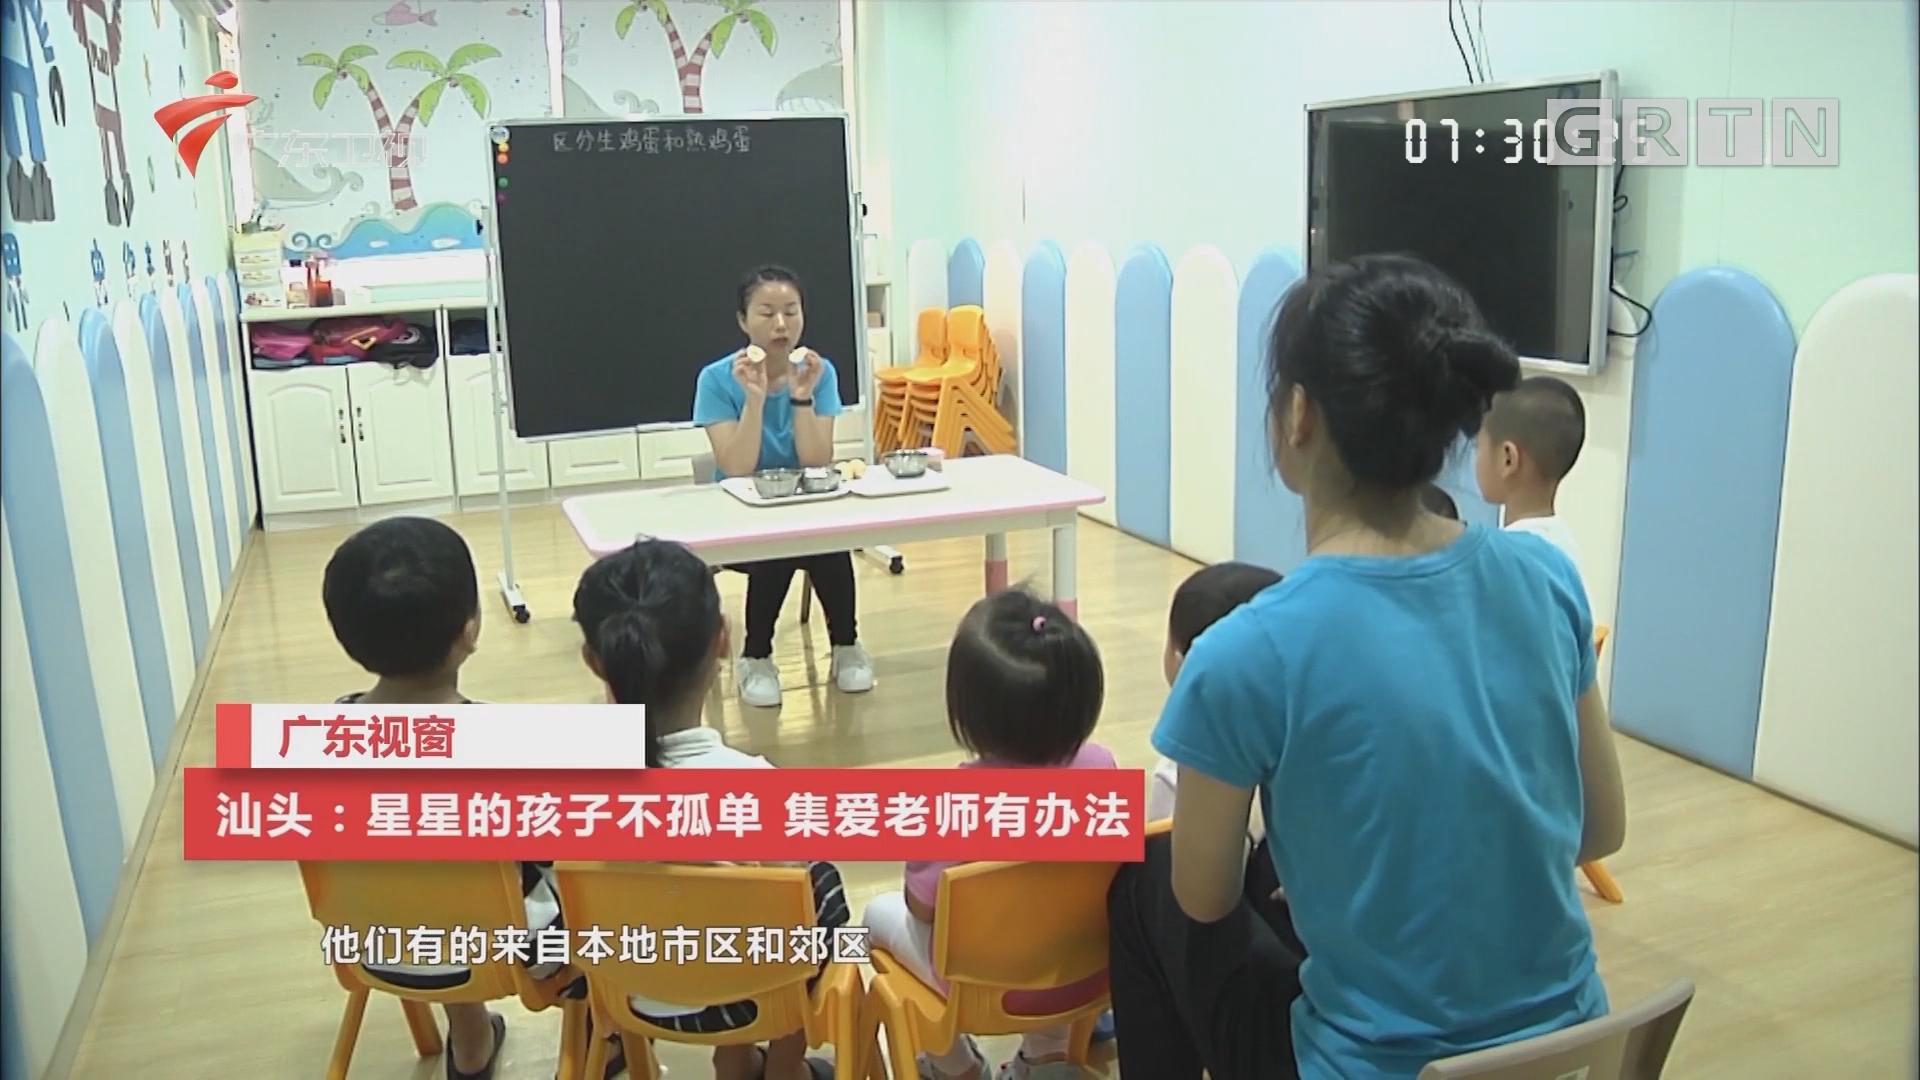 汕头:星星的孩子不孤单 集爱老师有办法